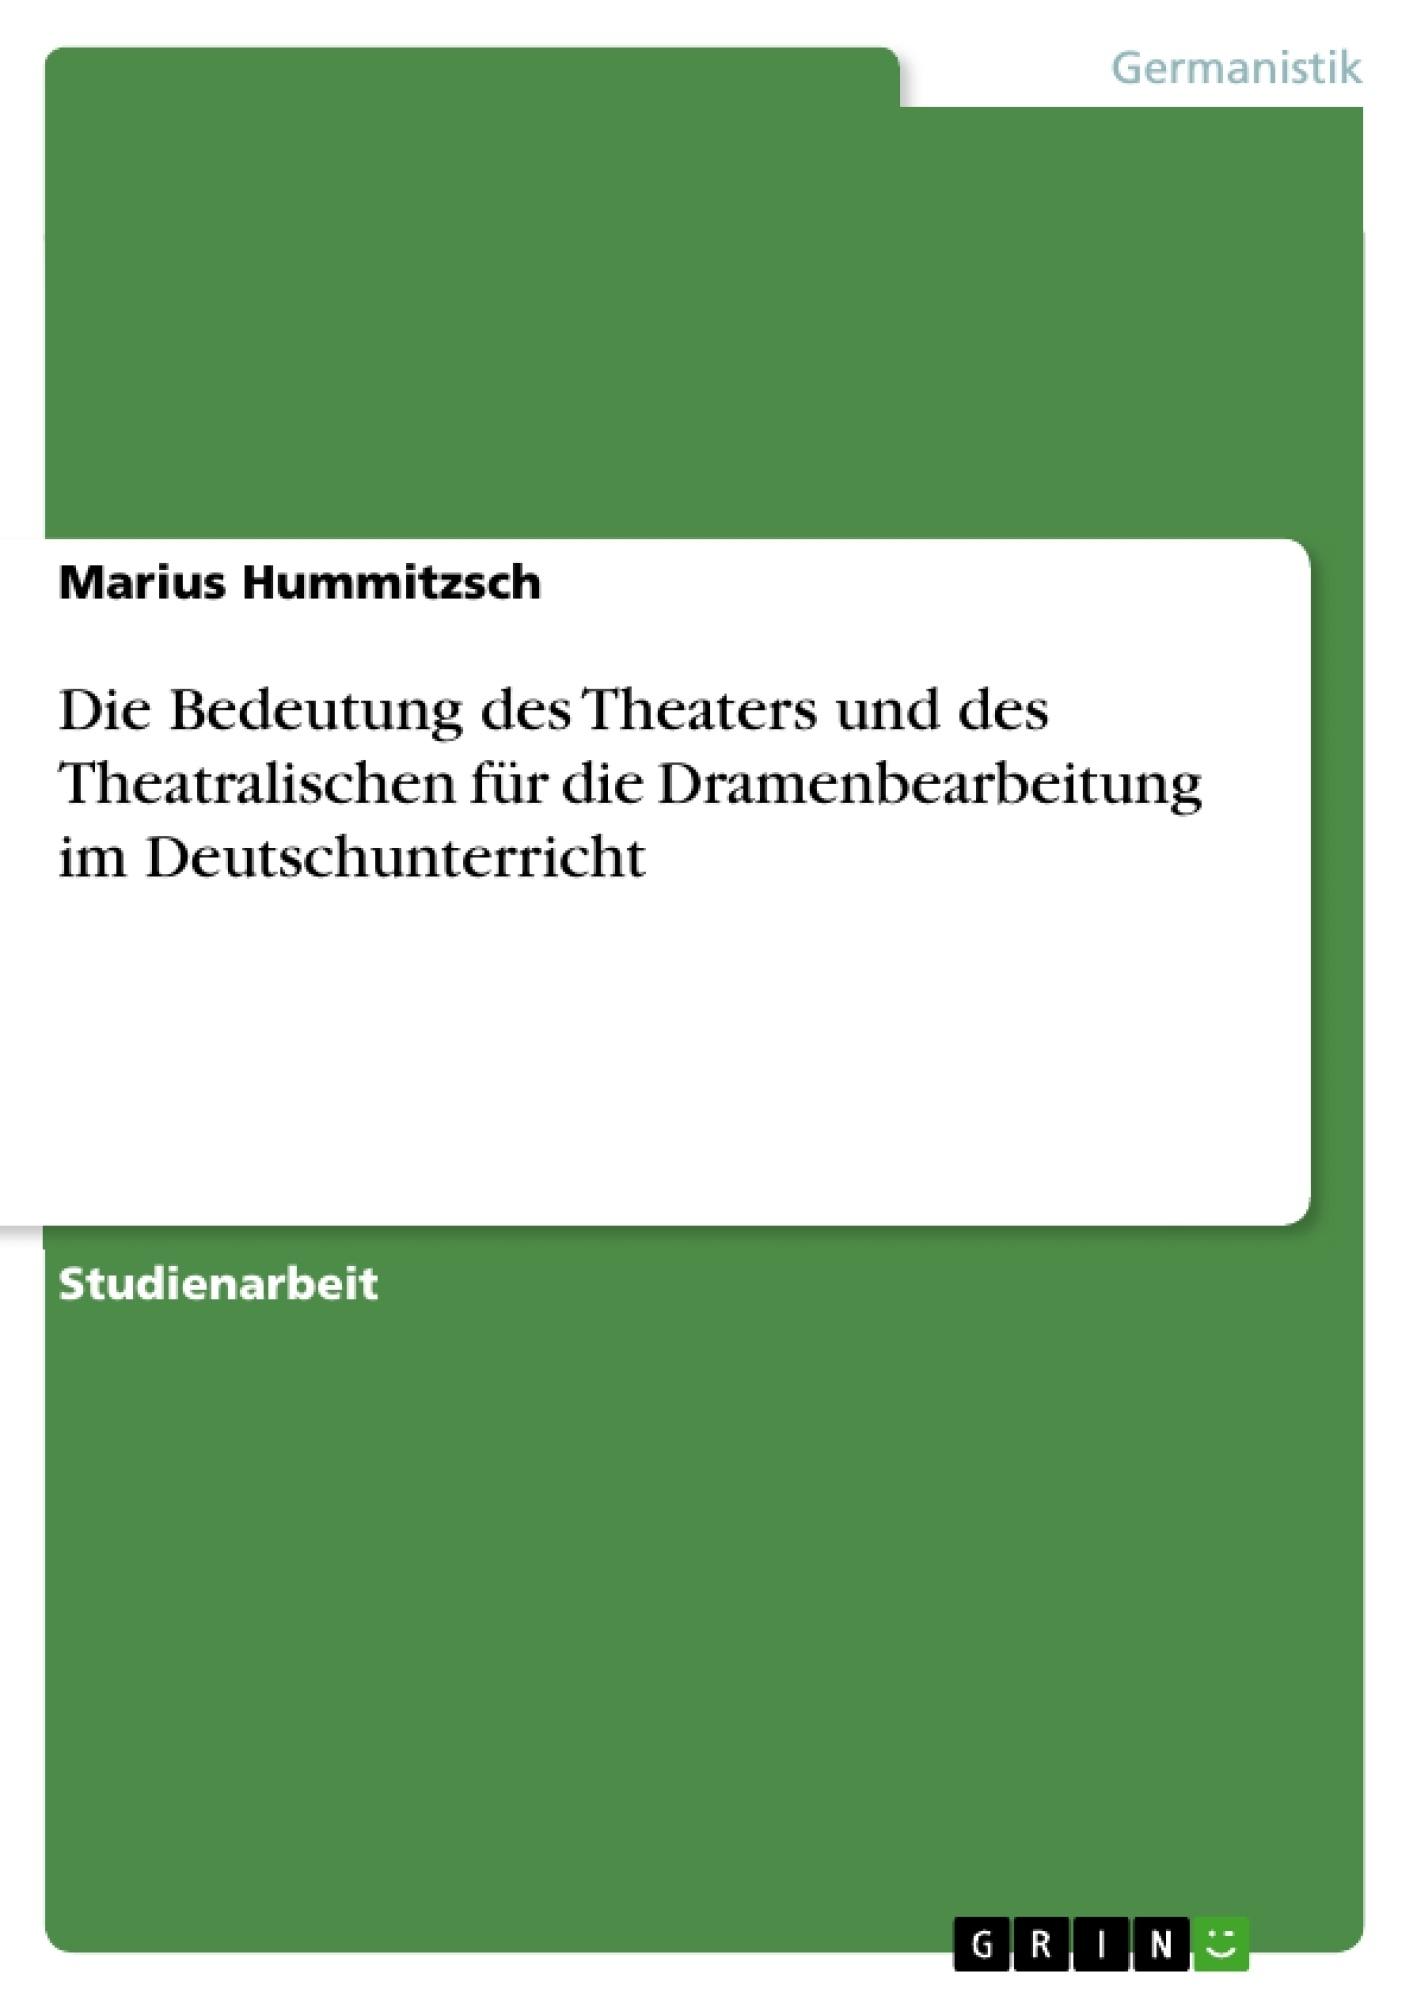 Titel: Die Bedeutung des Theaters und des Theatralischen für die Dramenbearbeitung im Deutschunterricht